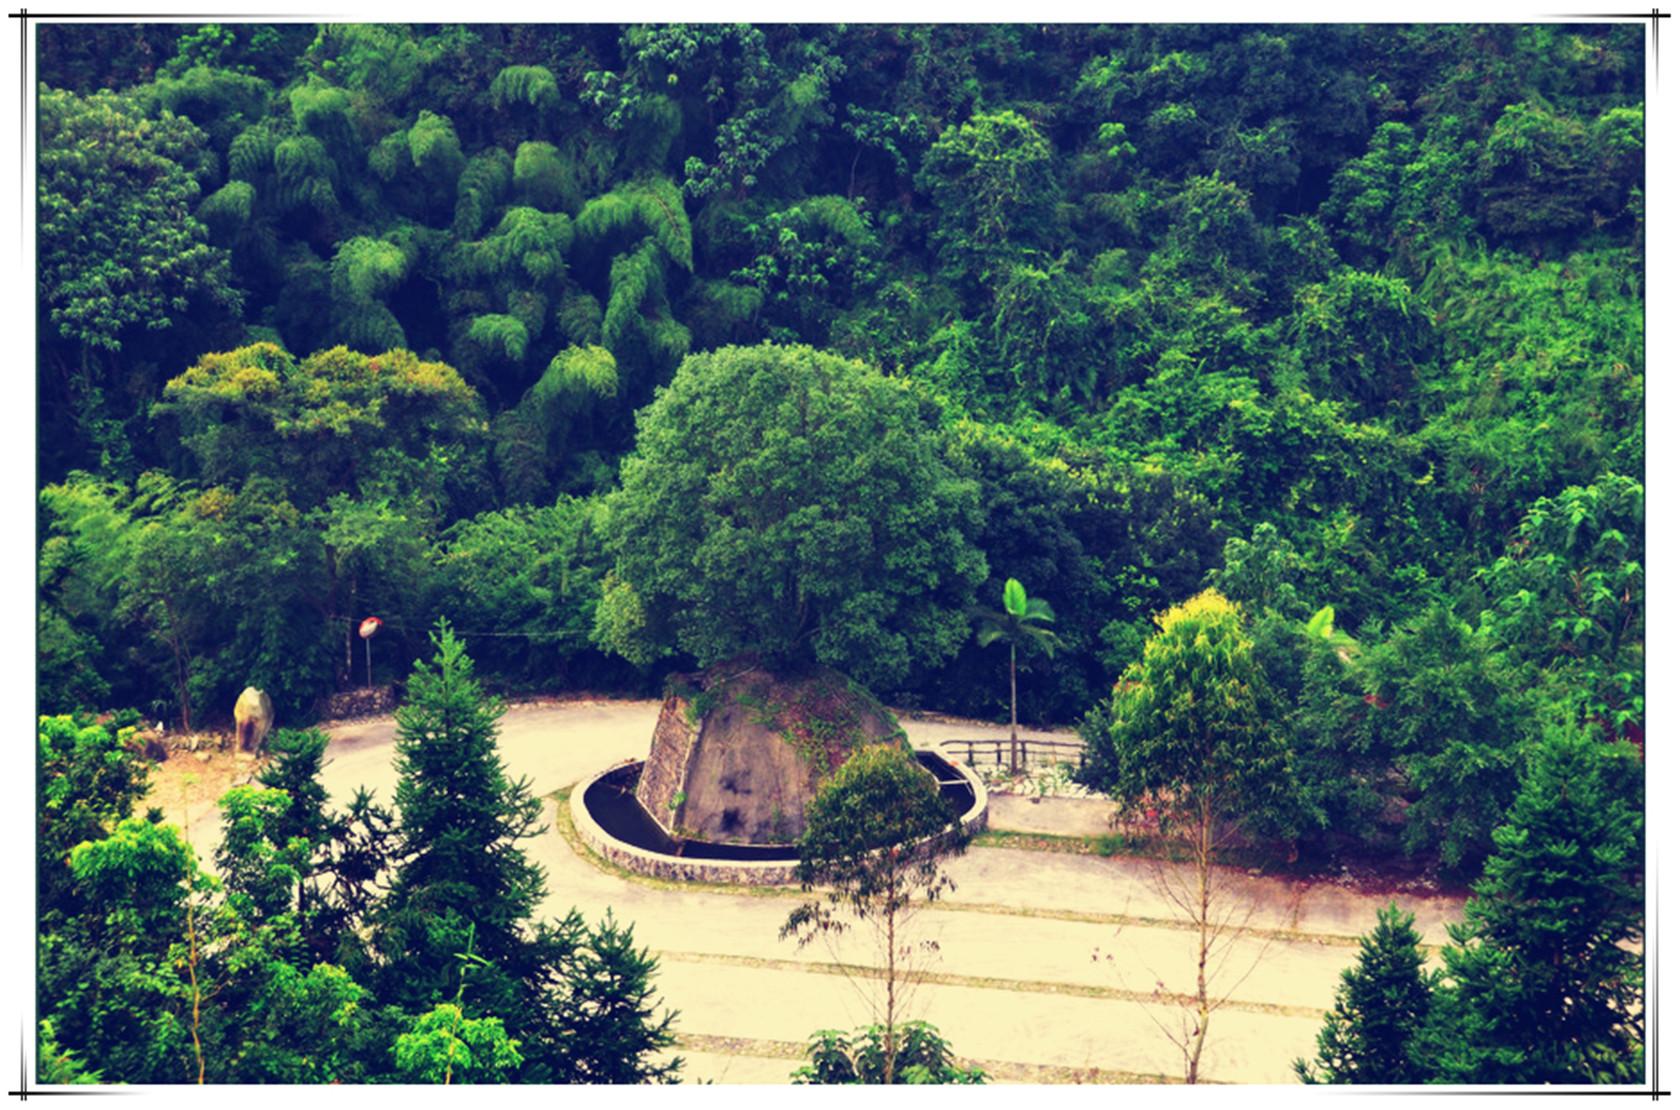 安溪景点景区图片-安溪风景名胜图片-安溪旅游照片图片